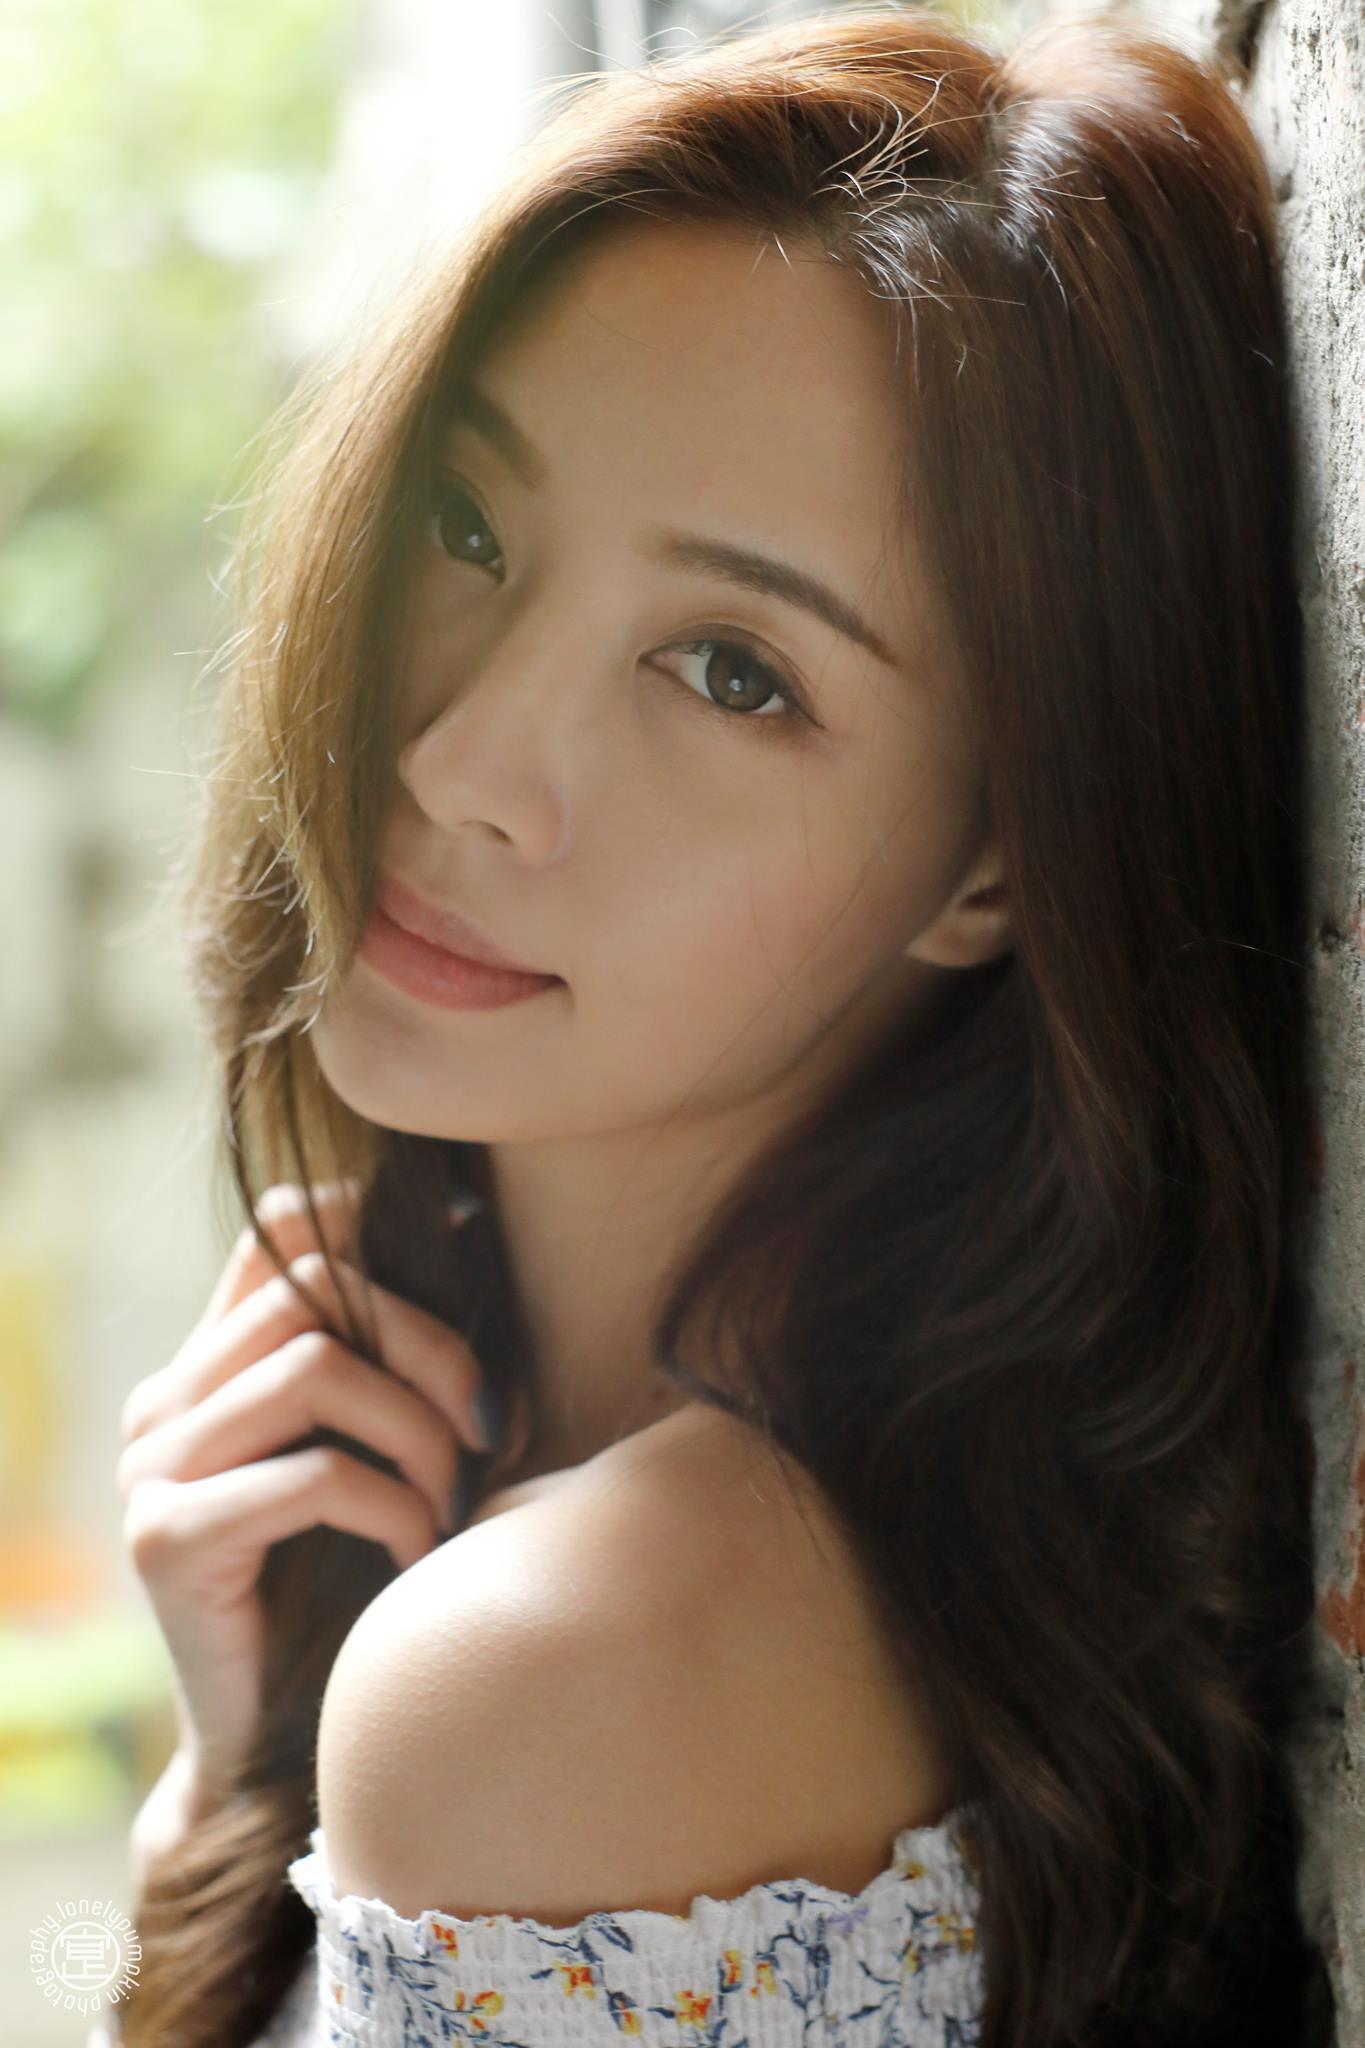 [台湾美女] Emma江雨恩 - 西藏路+南機場公寓 写真图片